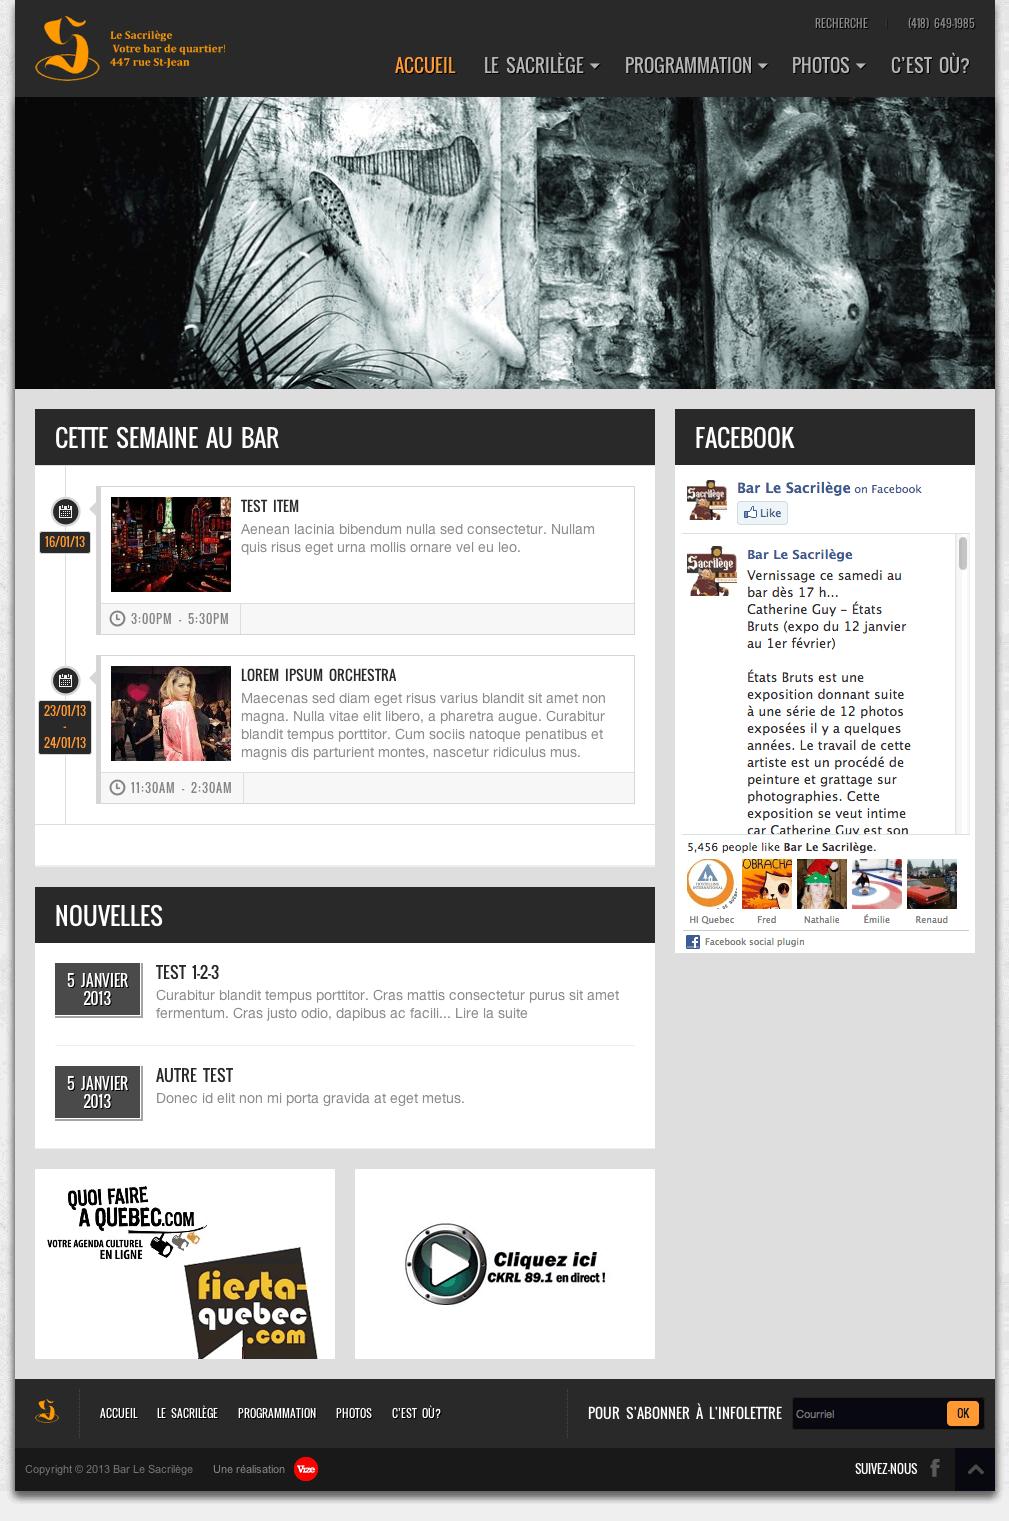 Site Web du Sacrilège - Page d'accueil